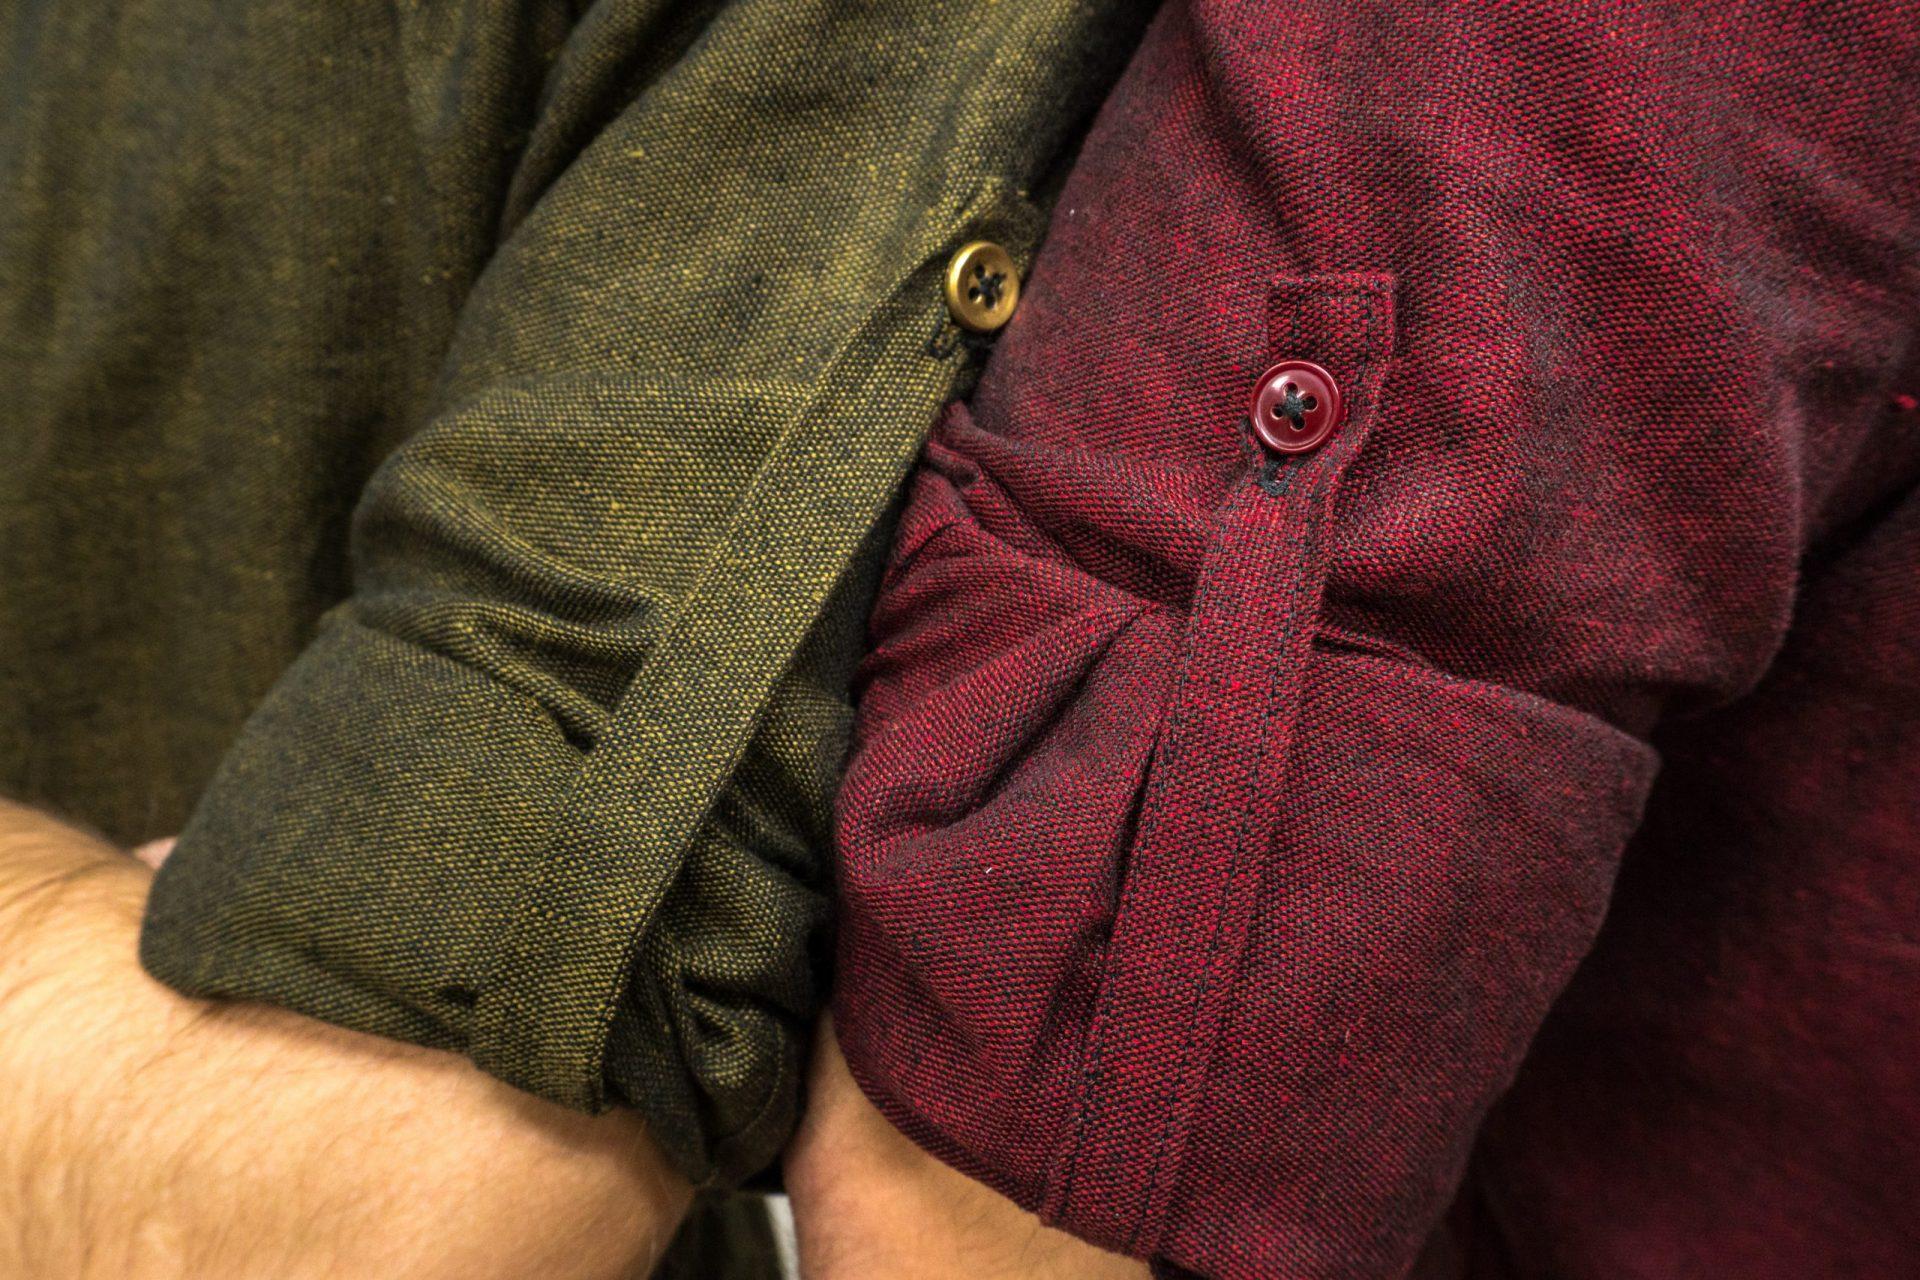 Pánske košele na mieru: zelená a bordová, zmes ľan-bavlna - detail zapínania rukávov